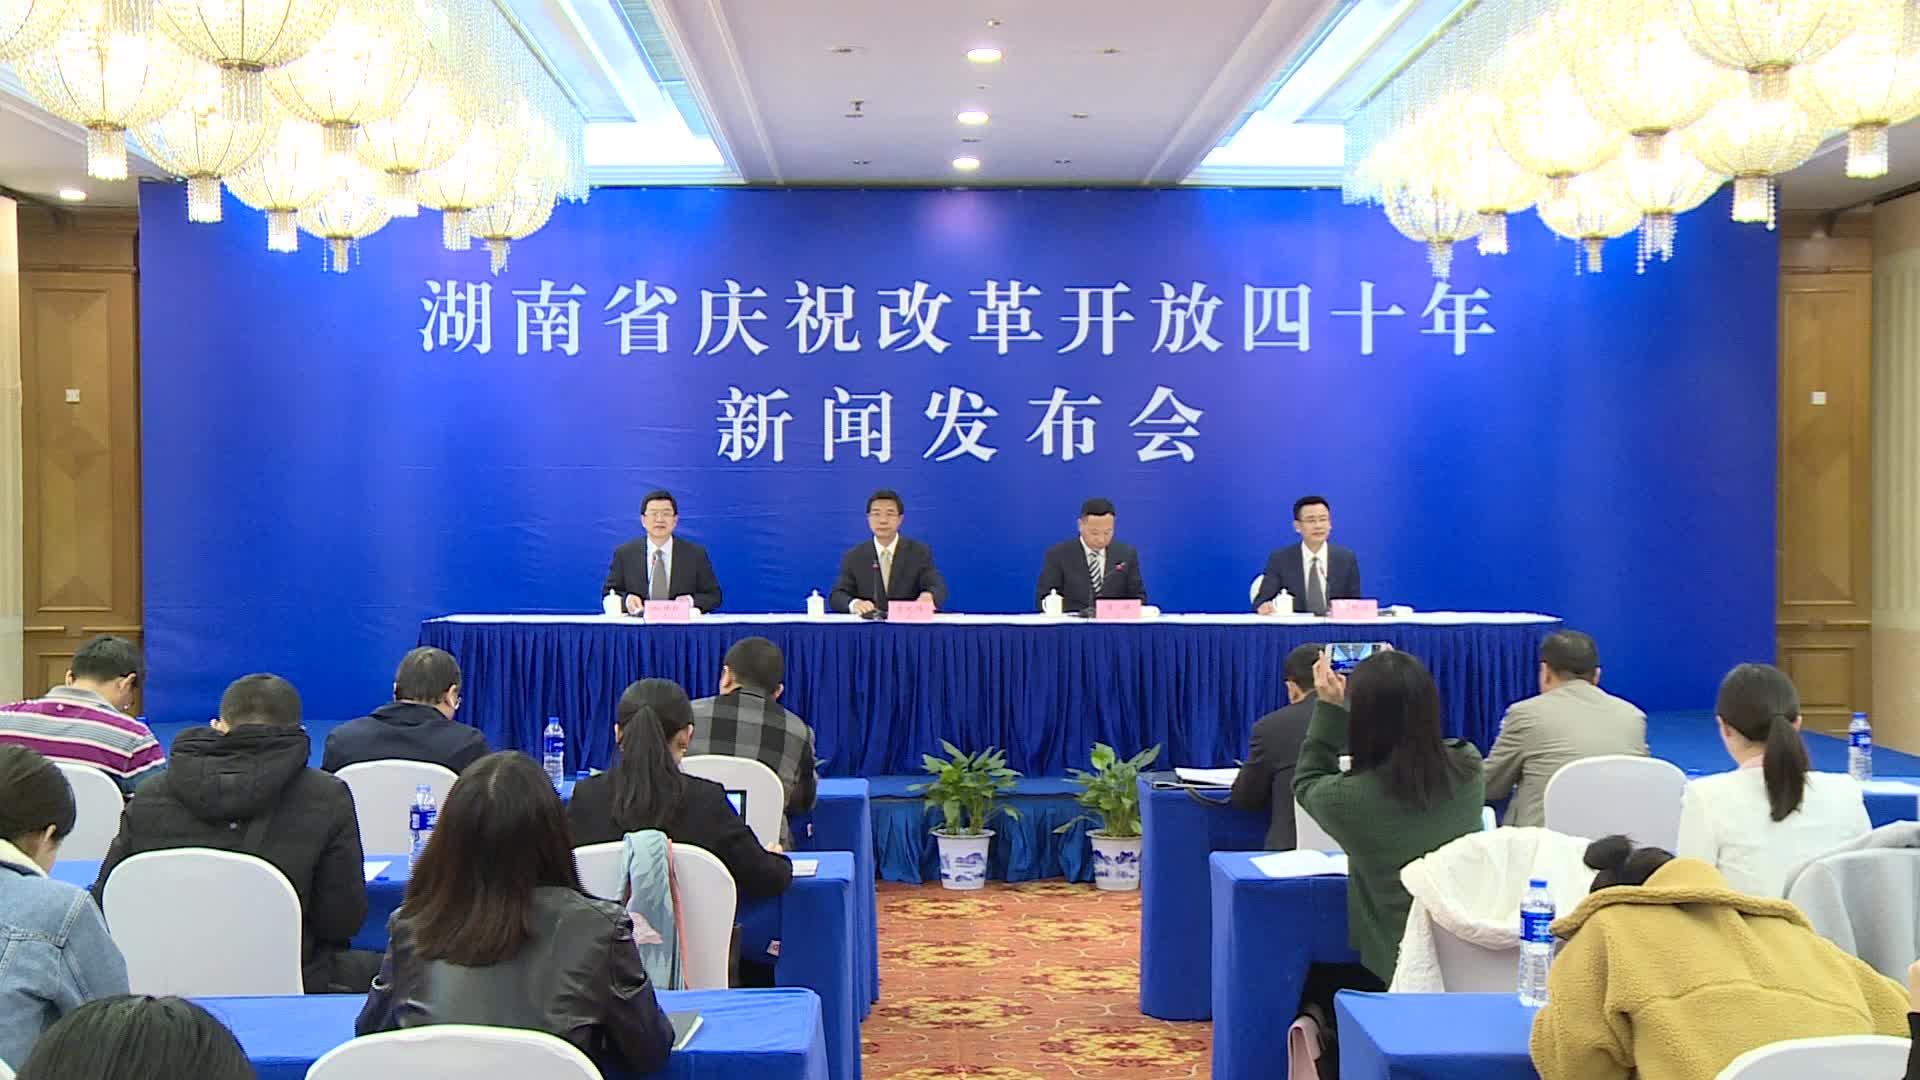 改革开放40年:湖南交通运输事业保障民生实现全面发展